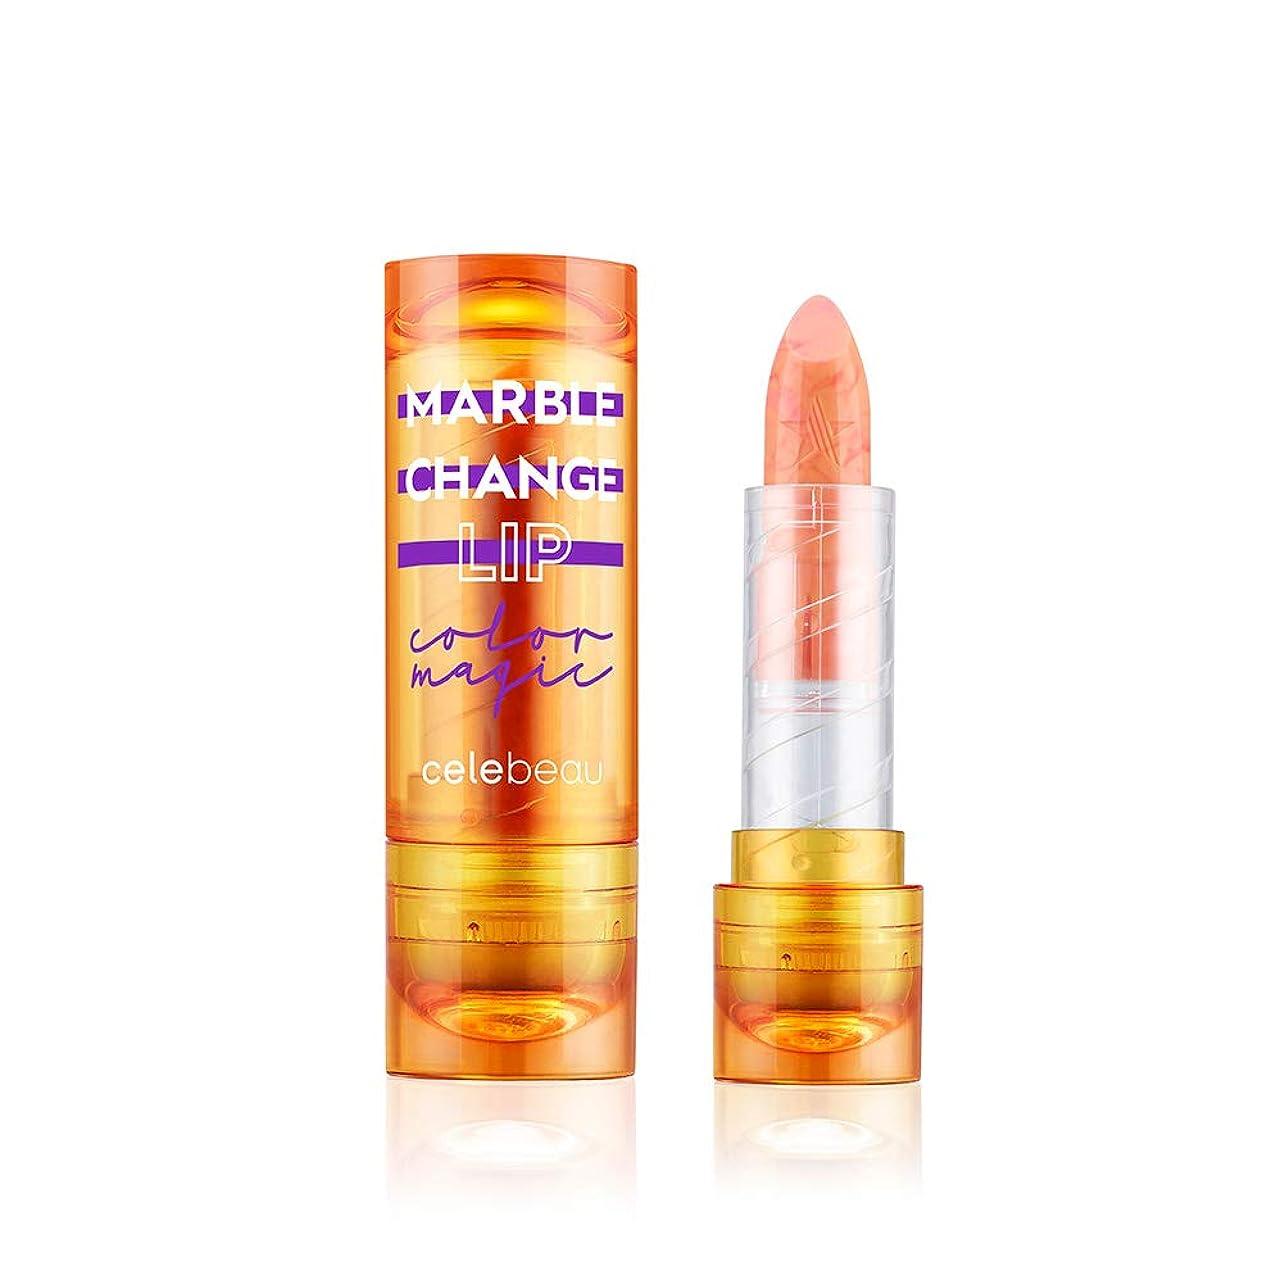 タービン静かに消去【celebeau公式】celebeau Marble Change Lip 3.5g/セレビュー マーブル チェンジ リップ 3.5g (03 バーニング オレンジ)